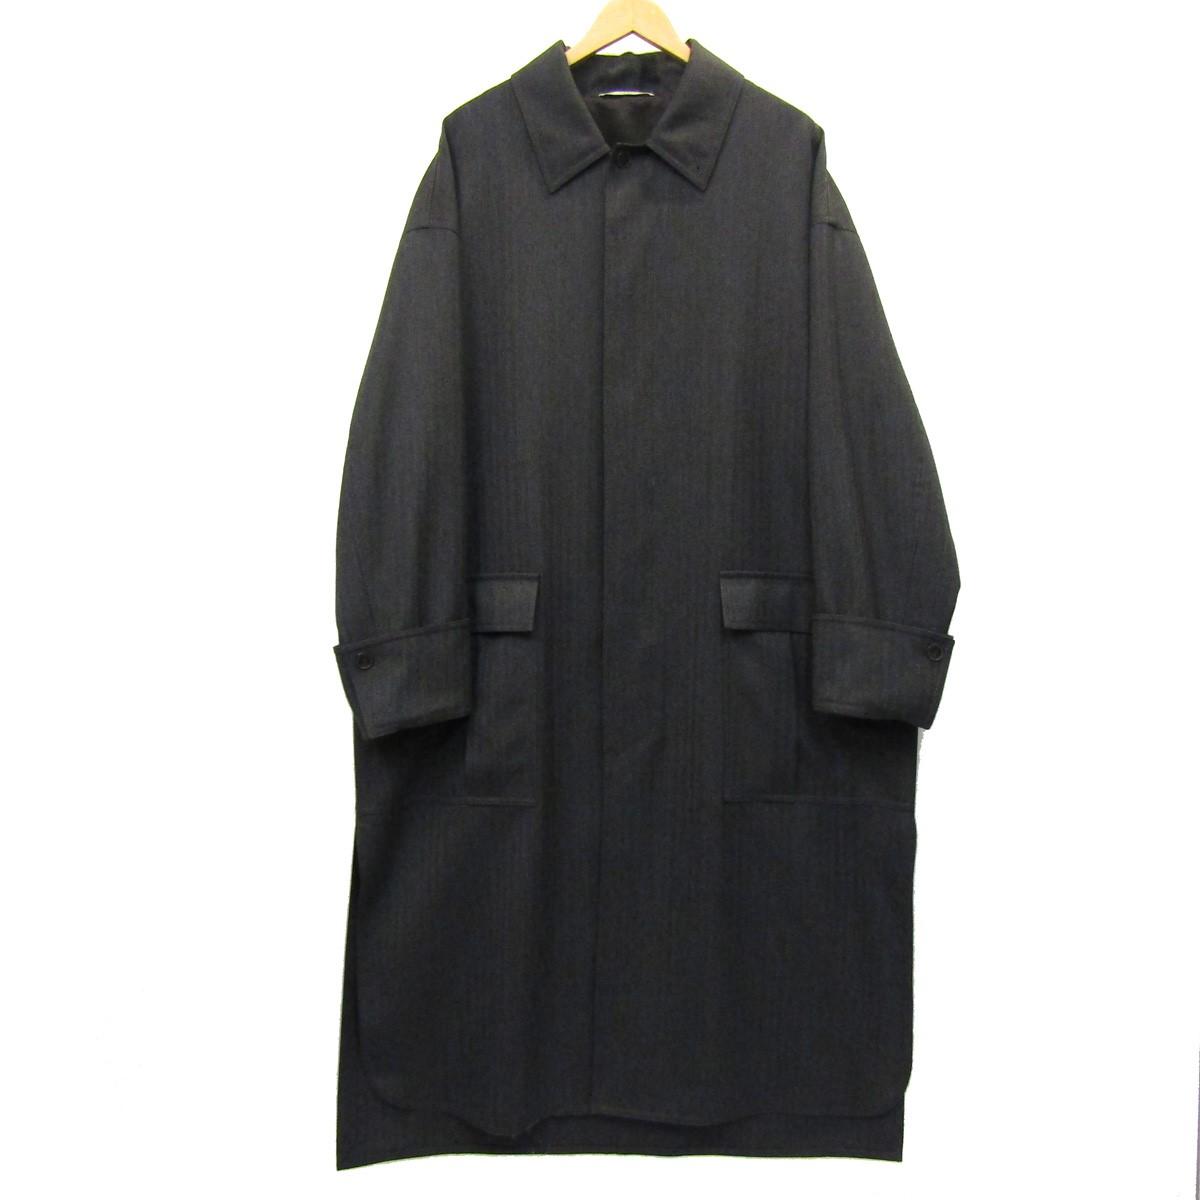 【中古】VALENTINO 2019AW ロングウールコート チャコールグレー サイズ:50 【130720】(ヴァレンチノ)